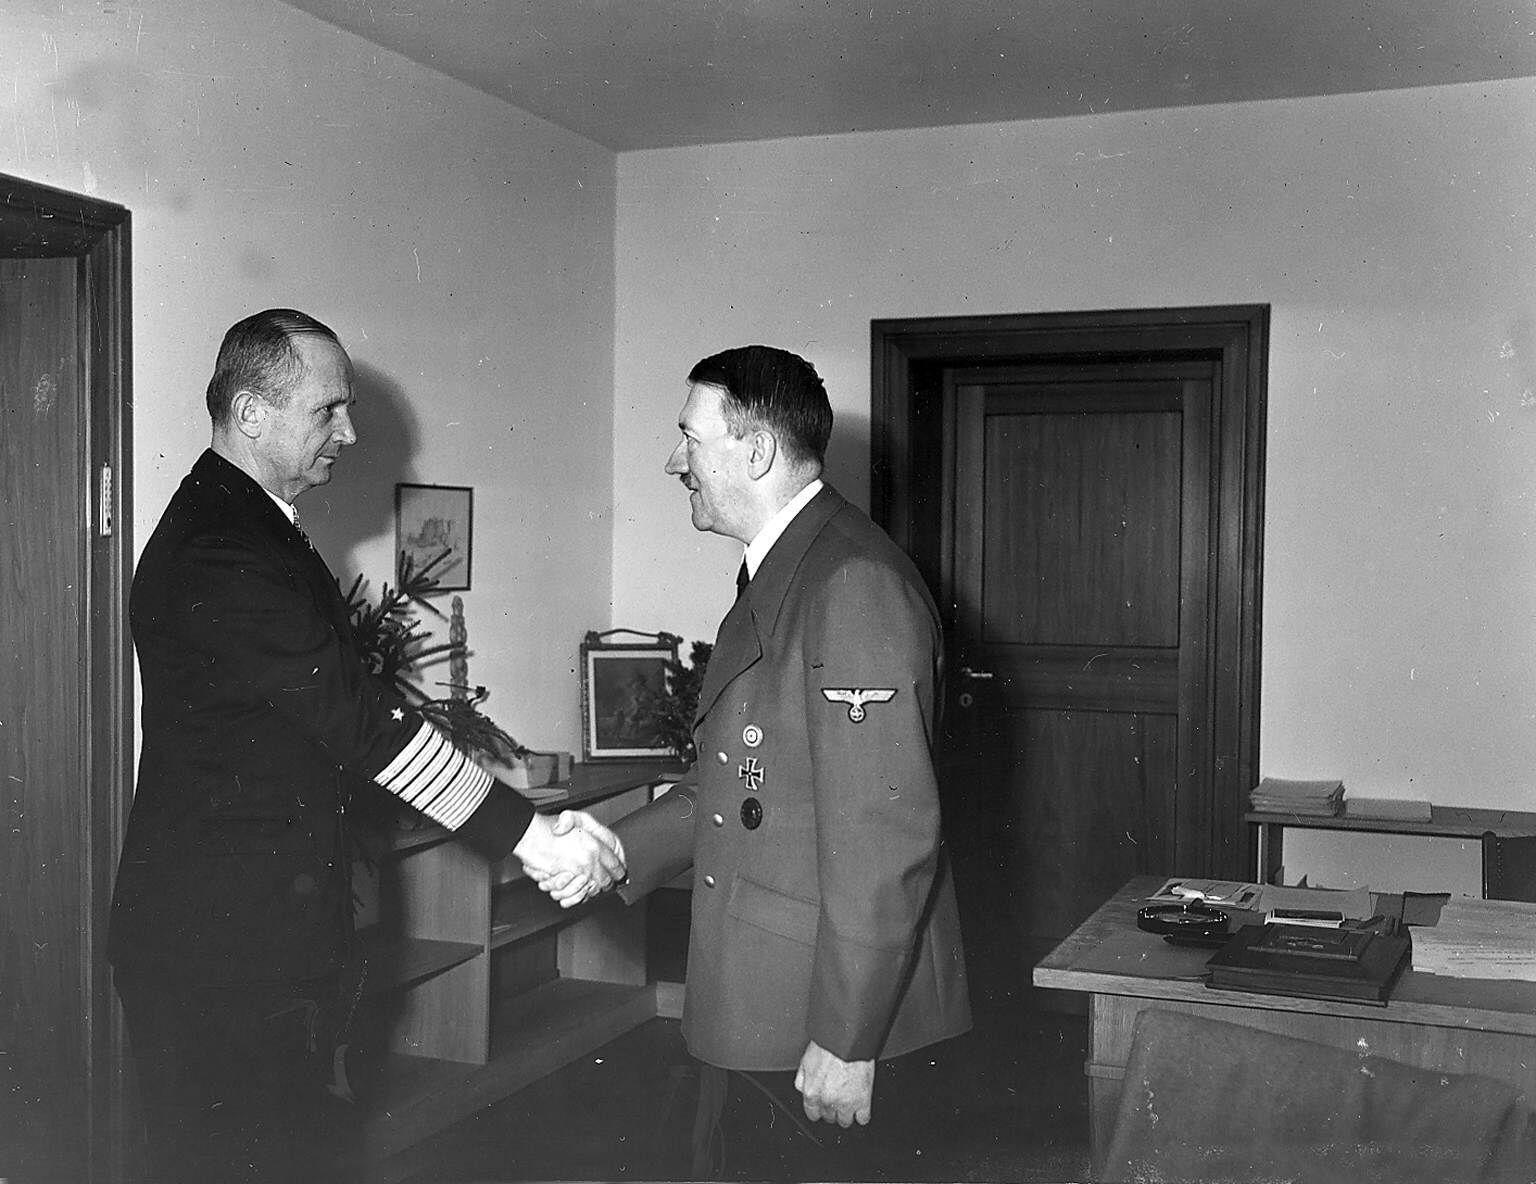 Deutschland, Drittes Reich: Adolf Hitler begrüßt Grossadmiral Karl Dönitz